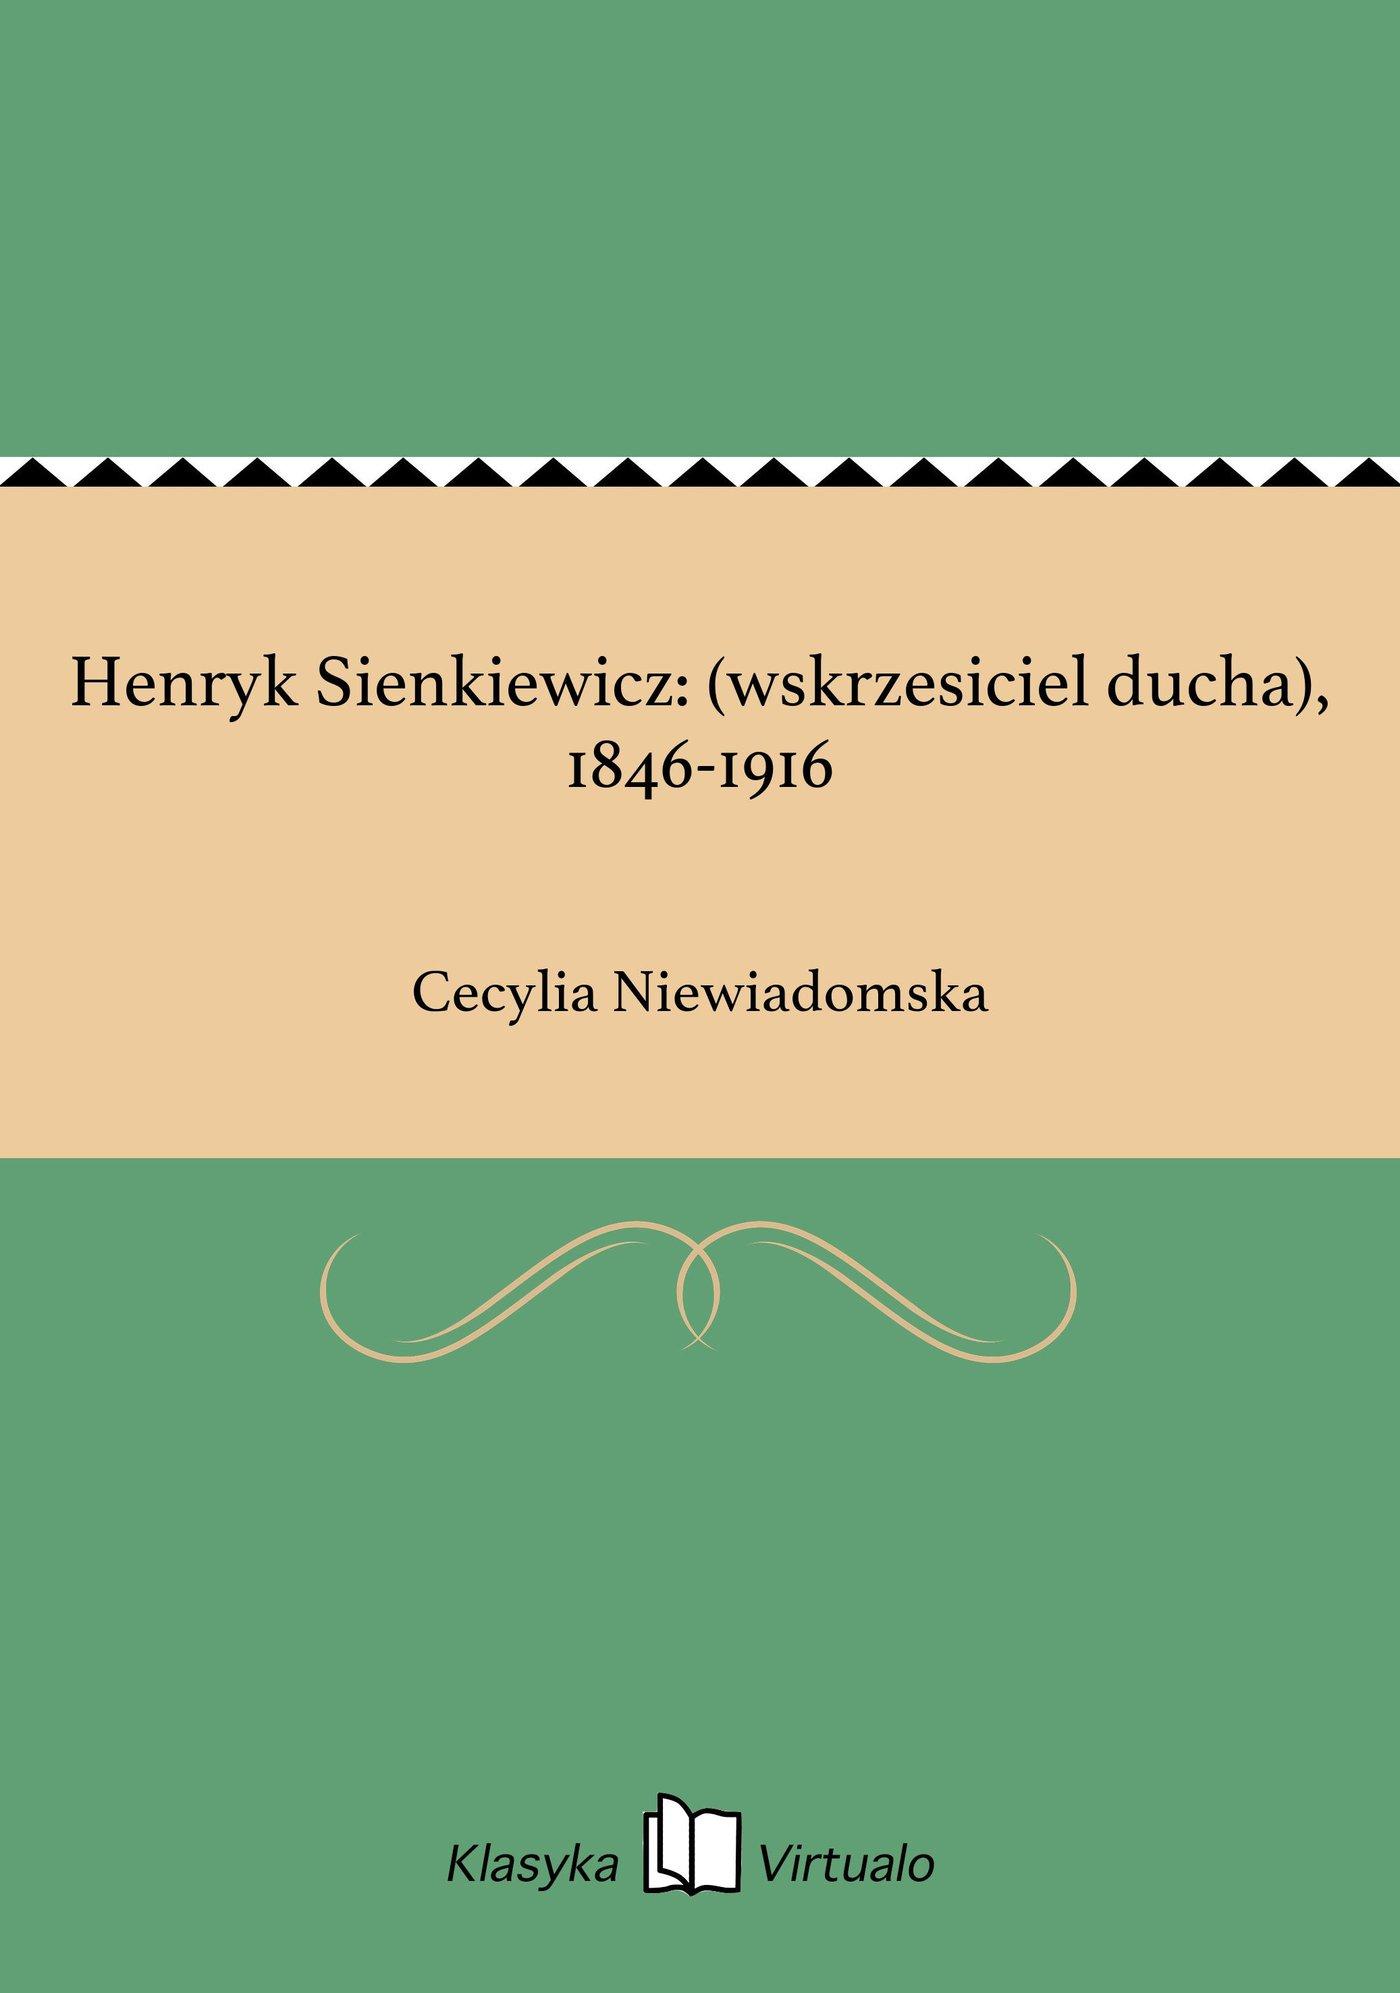 Henryk Sienkiewicz: (wskrzesiciel ducha), 1846-1916 - Ebook (Książka na Kindle) do pobrania w formacie MOBI